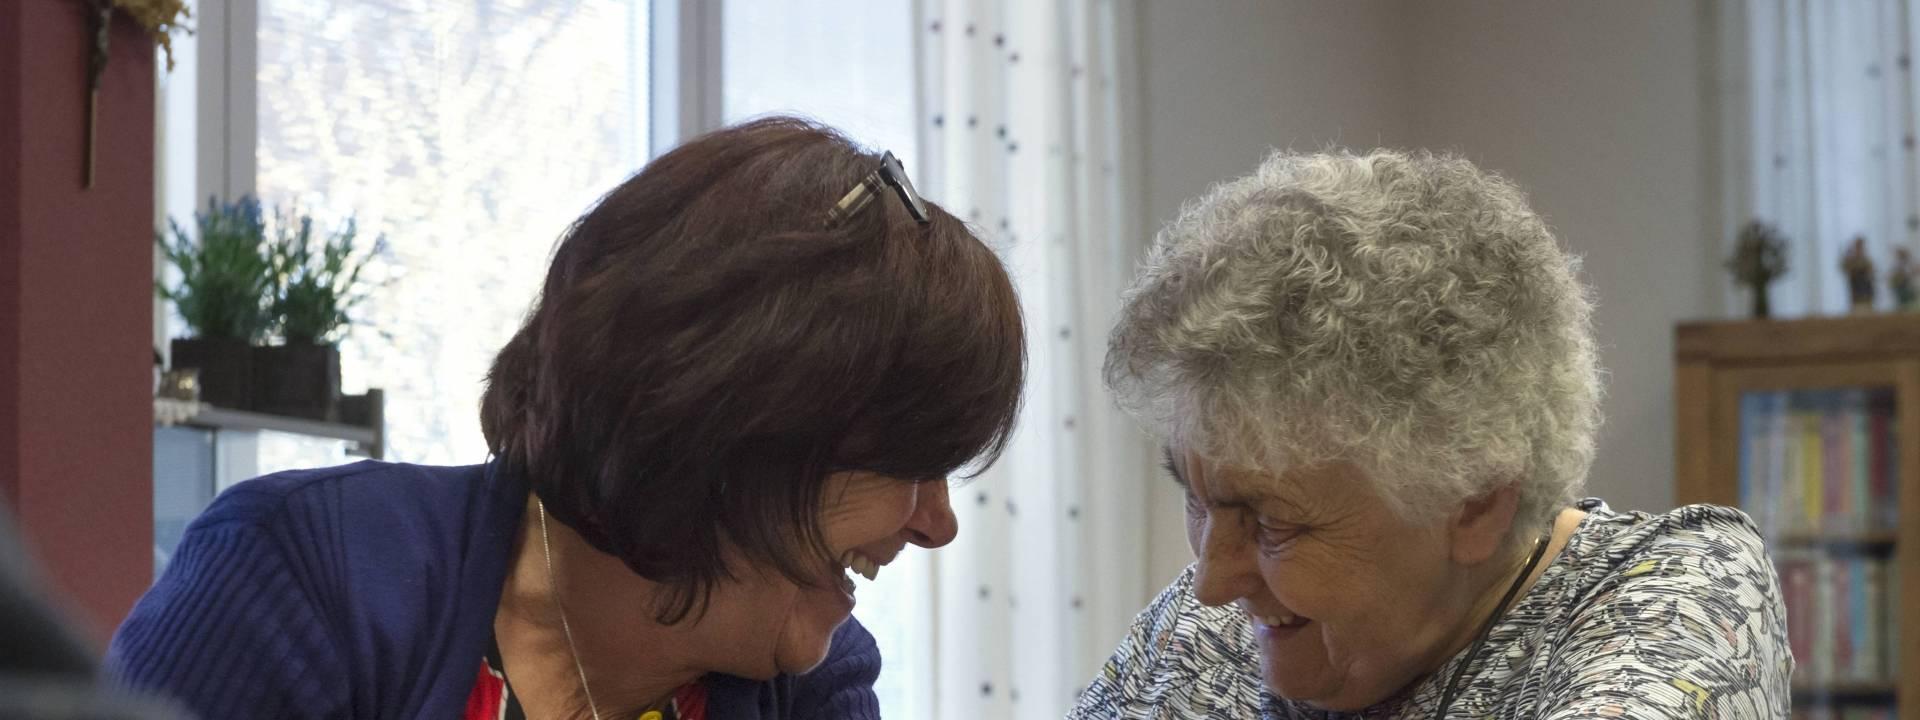 Bunderhof - met aandacht in gesprek vrolijk